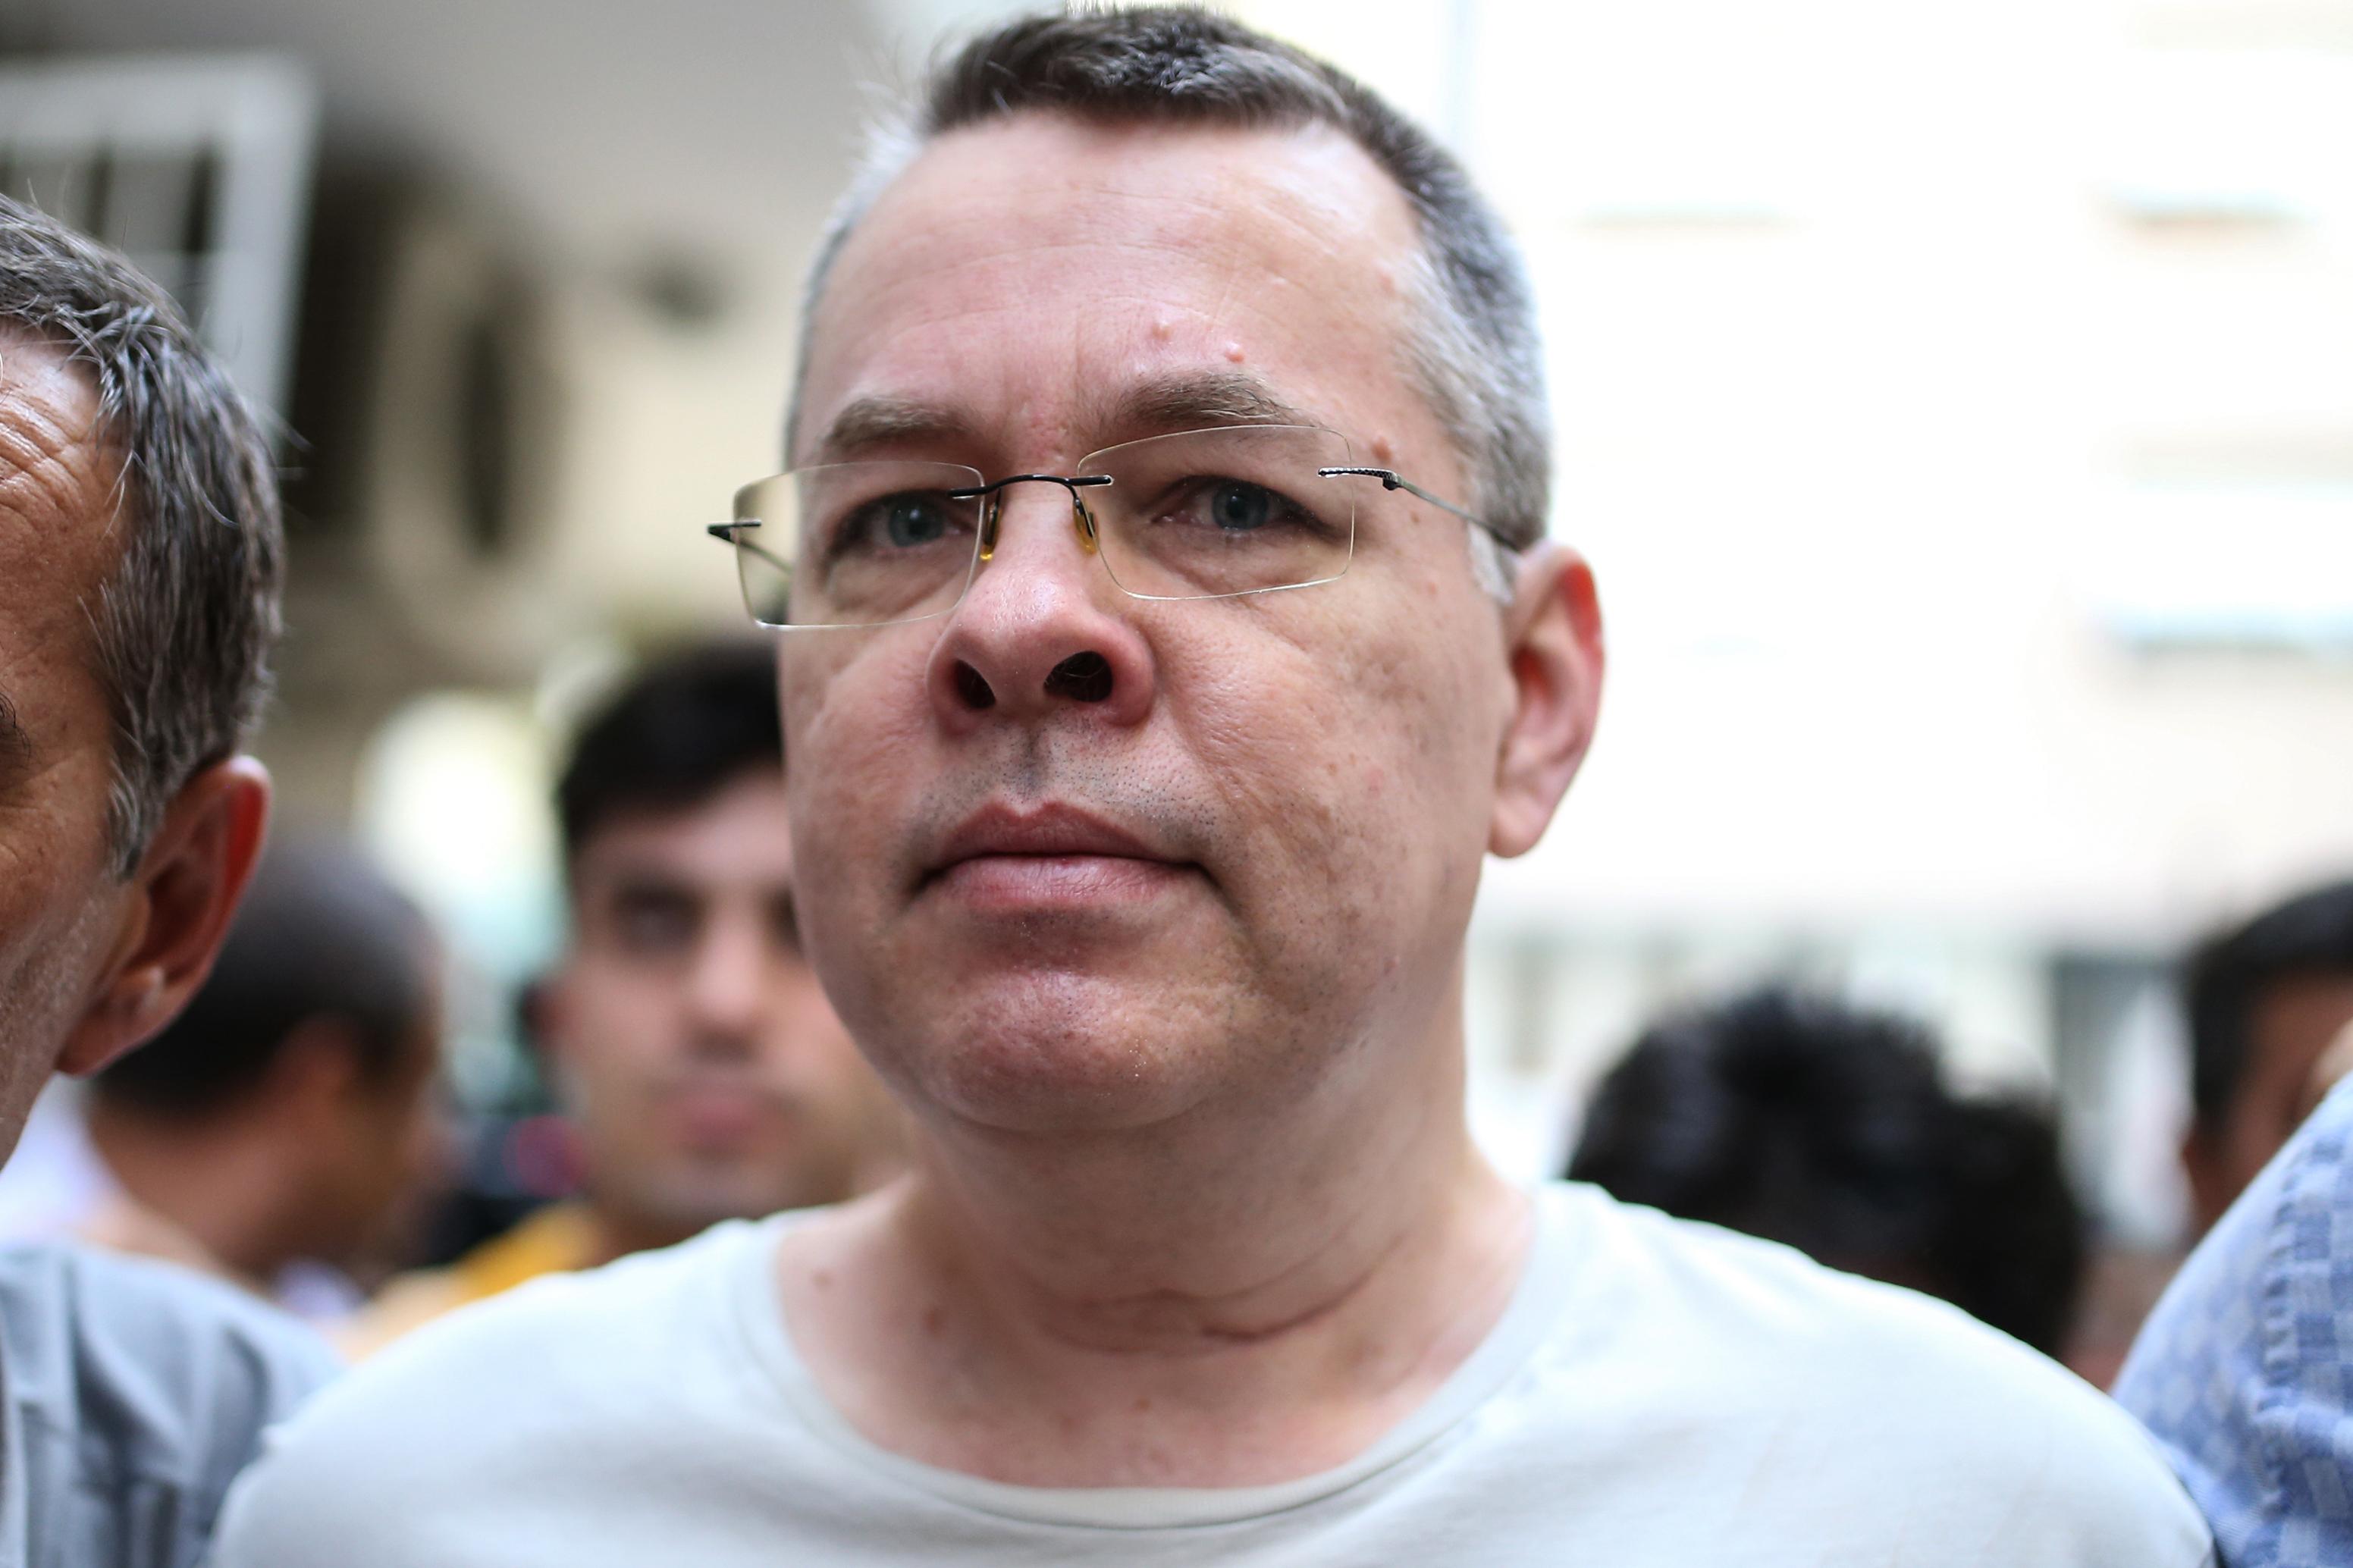 """Arrêté en, 2016 pour """"soutien à des organisations terroriste"""", le pasteur Brunson vient d'être libéré. Crédit photo : AFP."""